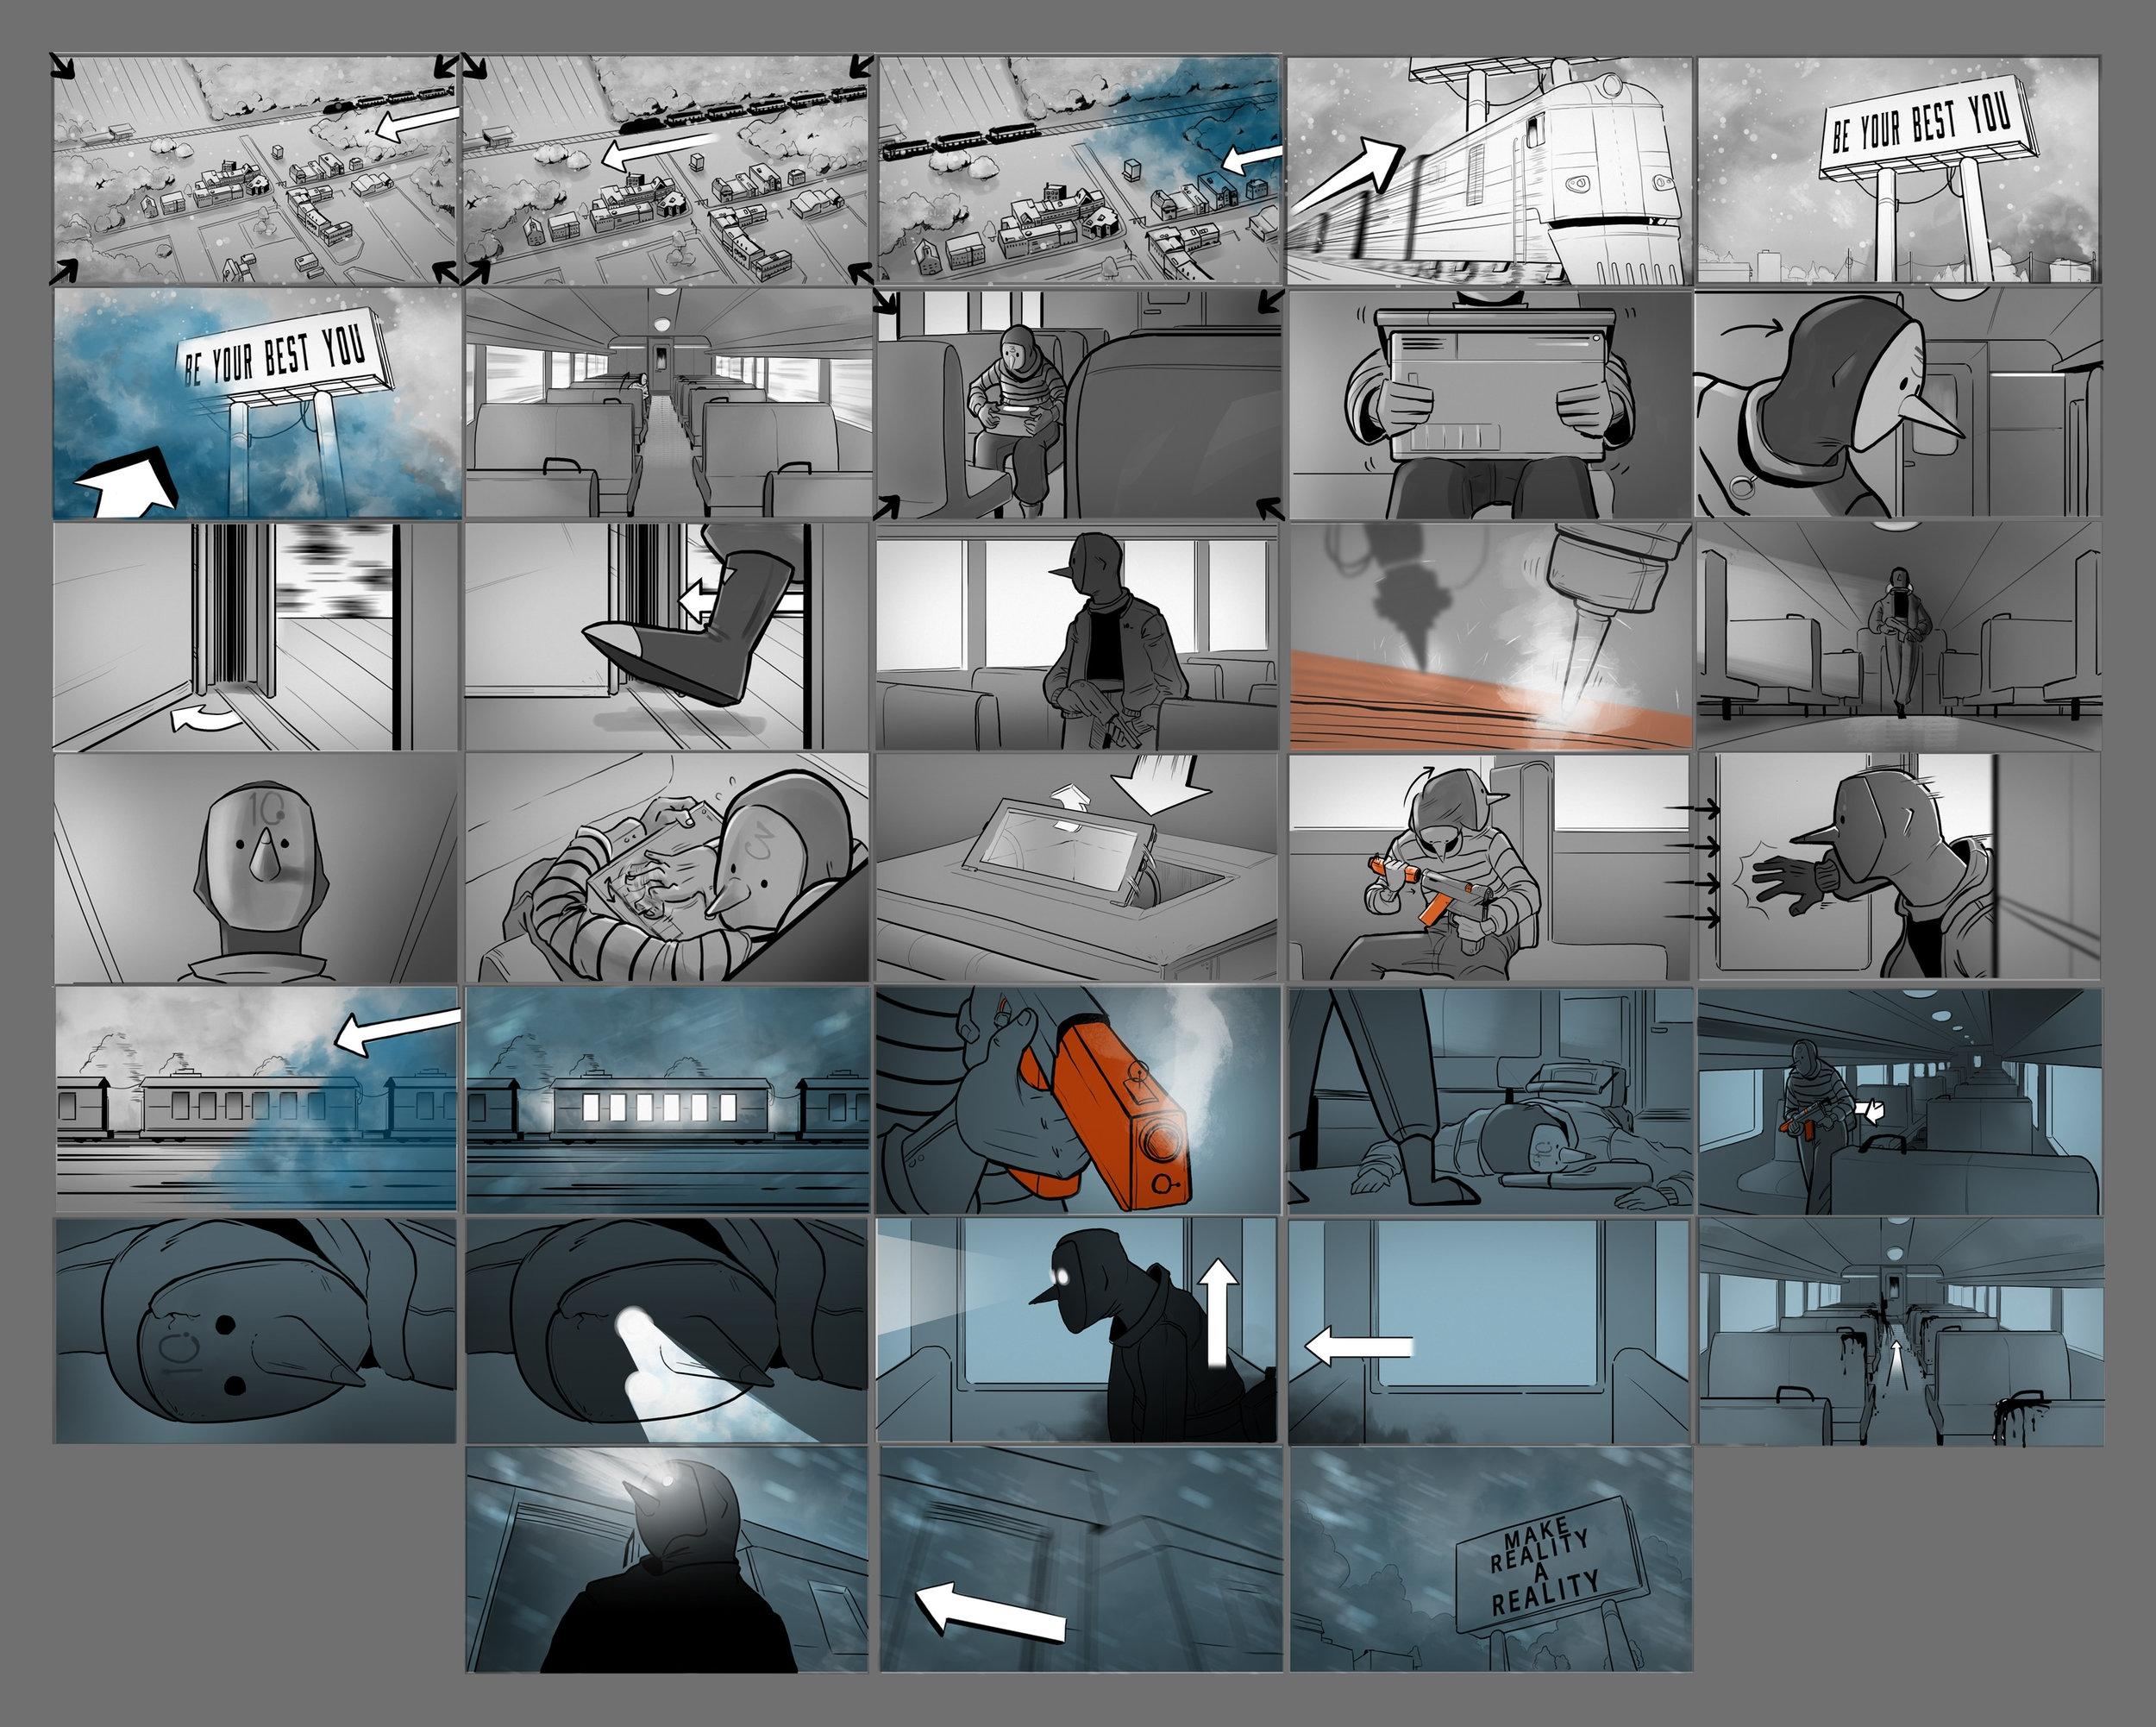 ASGHG_storyboards_full.jpg